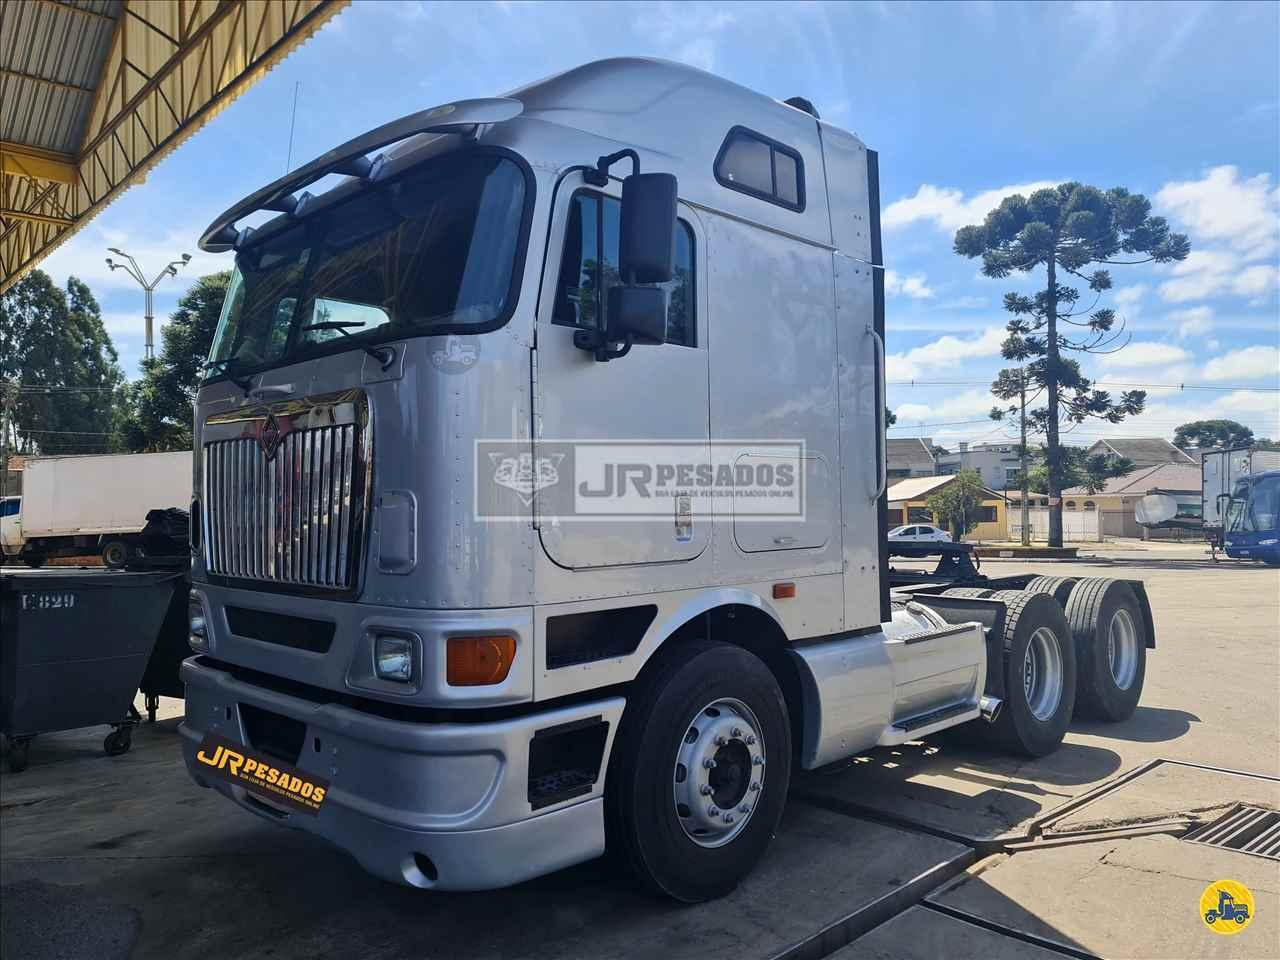 CAMINHAO INTERNATIONAL INTERNATIONAL 9800 Cavalo Mecânico Truck 6x2 JR Pesados CURITIBA PARANÁ PR